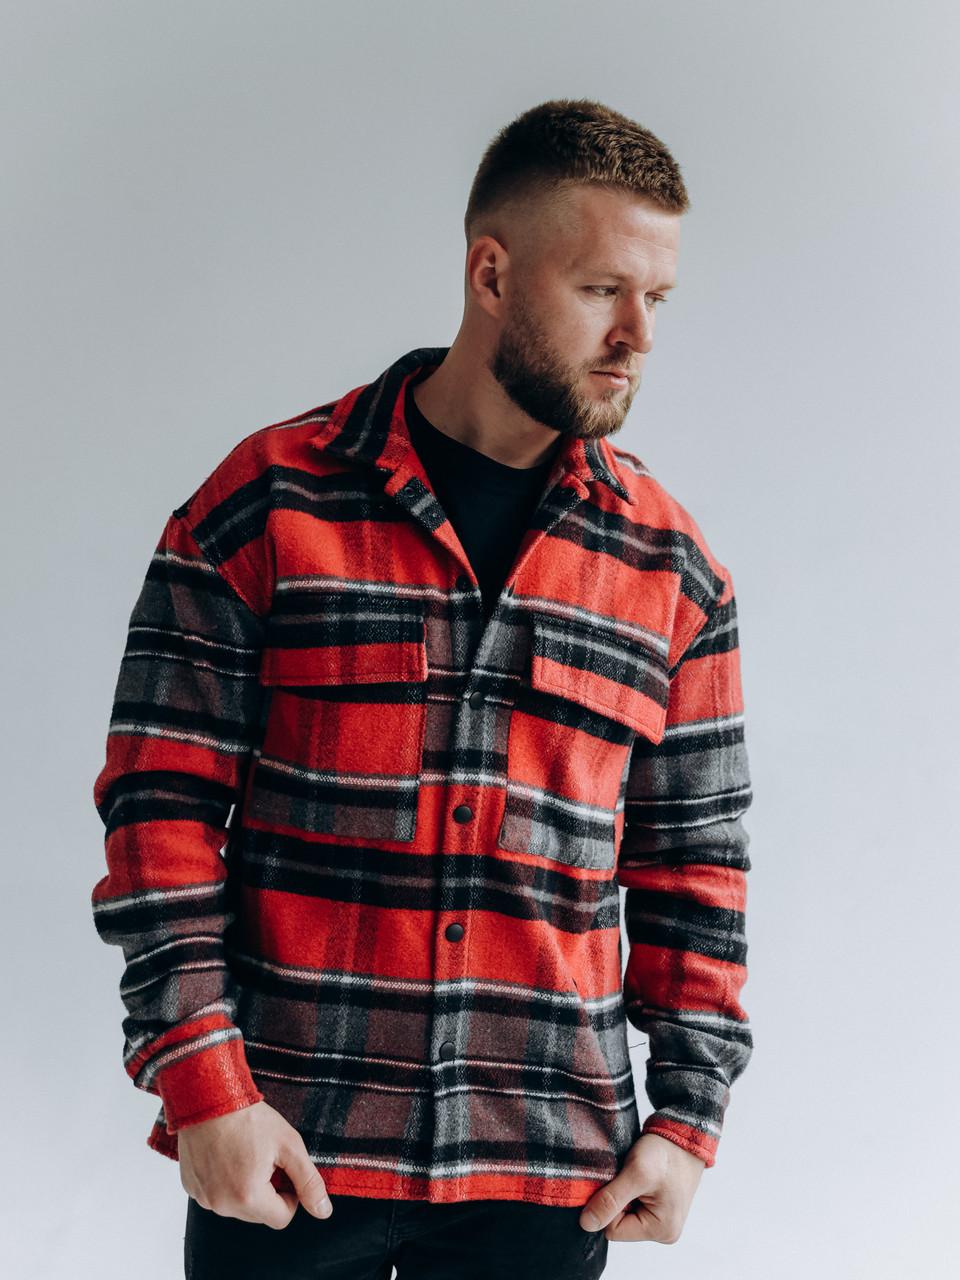 Мужская клетчатая теплая байковая куртка-рубашка на пуговицах с карманами красно-серая, фото 1